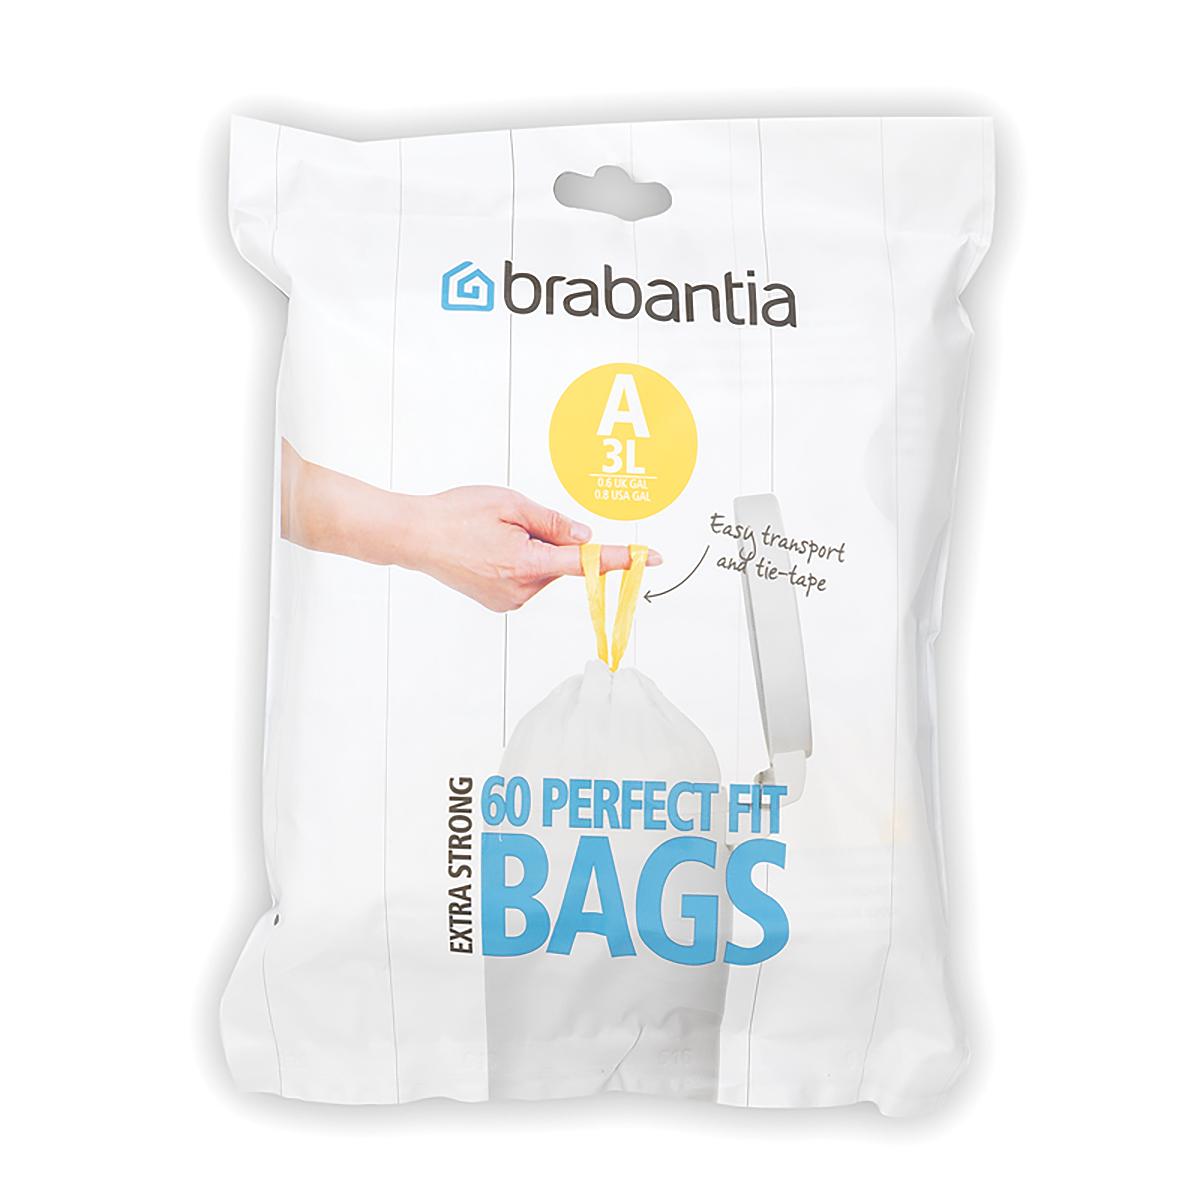 Мешки для мусора Brabantia, 3 л, 60 шт. 348983348983-BRУдобно и быстро вкладываются и достаются из бака.Эстетичный вид – идеально подходят по размеру к мусорным бакам Brabantia, мешок не выступает наружу.Уникальная цветовая маркировка позволяет выбрать мешки нужного размера.Вентиляционные отверстия для удобства вкладывания в бак.Изготовлены из особо прочного полиэтилена (HDPE).Легко затягиваются и переносятся – специальная лента для стягивания горловины.Упаковка: 60 мешков в рулоне.